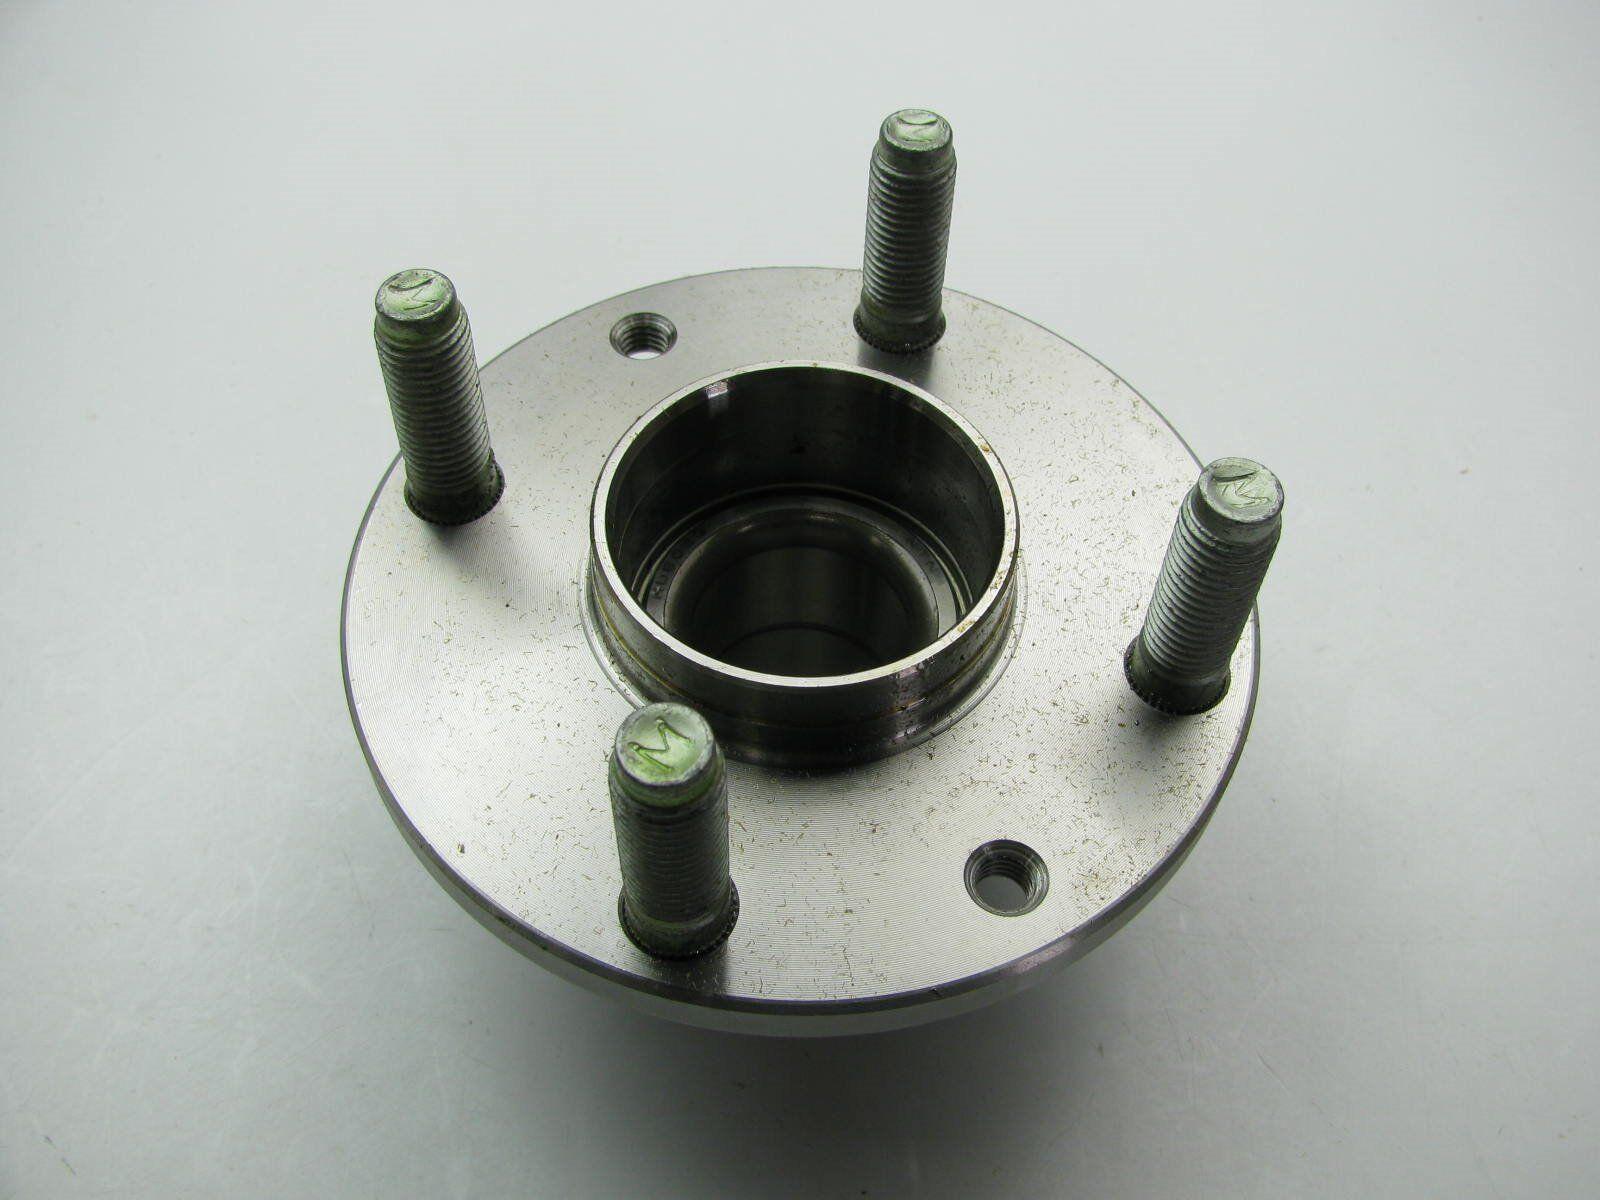 E3679M New Herko Fuel Level Sensor FPK1116 Pontiac Buick /& Chevy 05-06